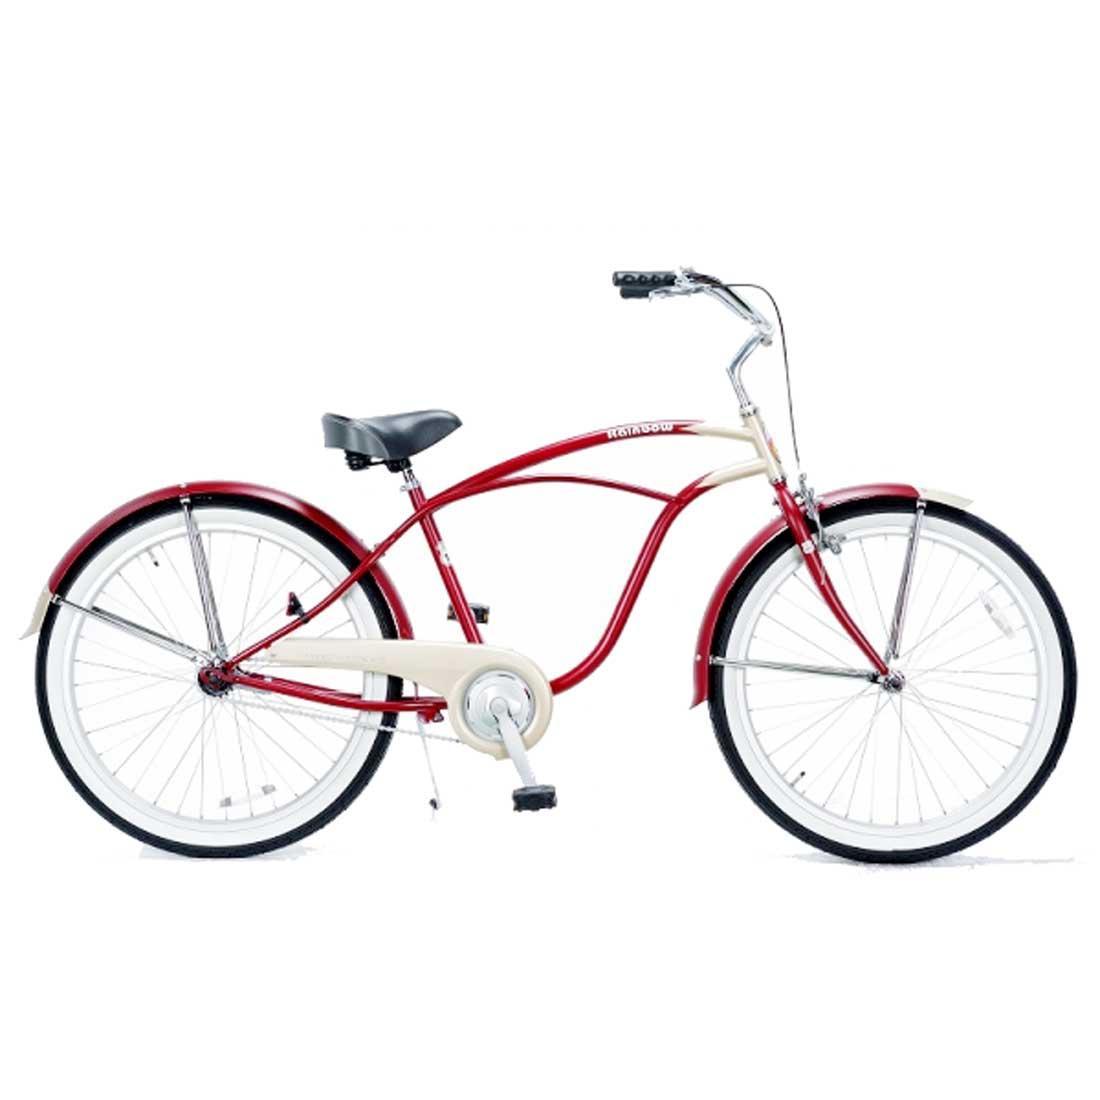 ビーチクルーザー 26インチ おしゃれ 自転車 通勤 通学 レインボービーチクルーザー 26mens-STD レッドチタン メンズ レディース